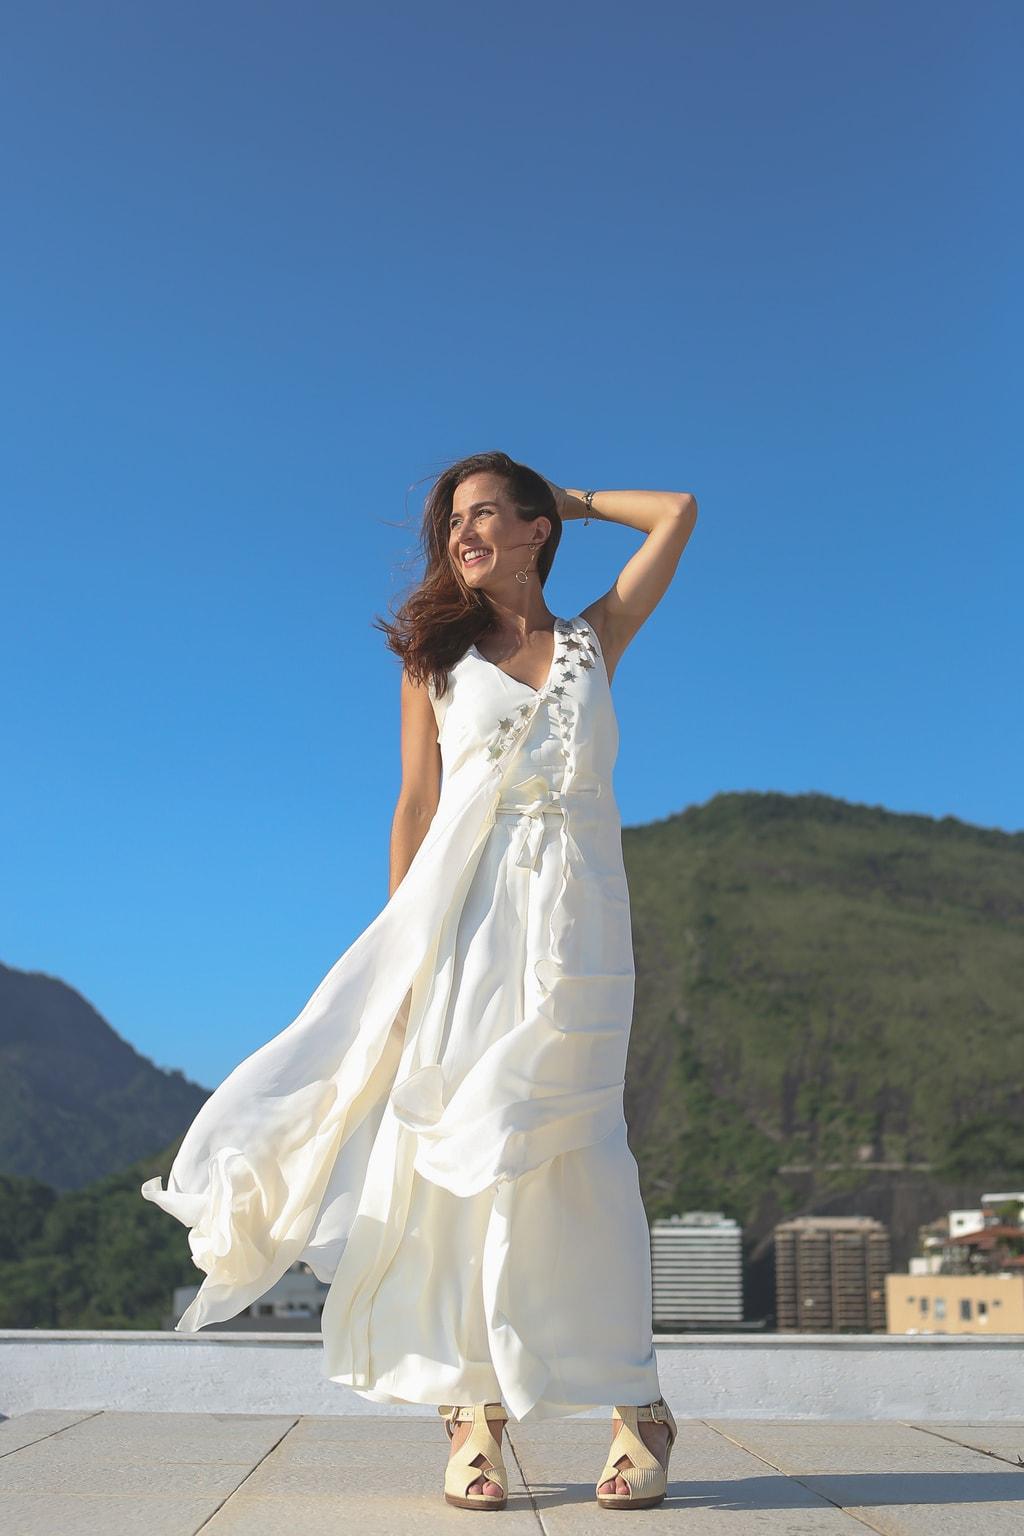 vestidos-ano-novo-reveillon-vestido-de-festa-julia-golldenzon-8